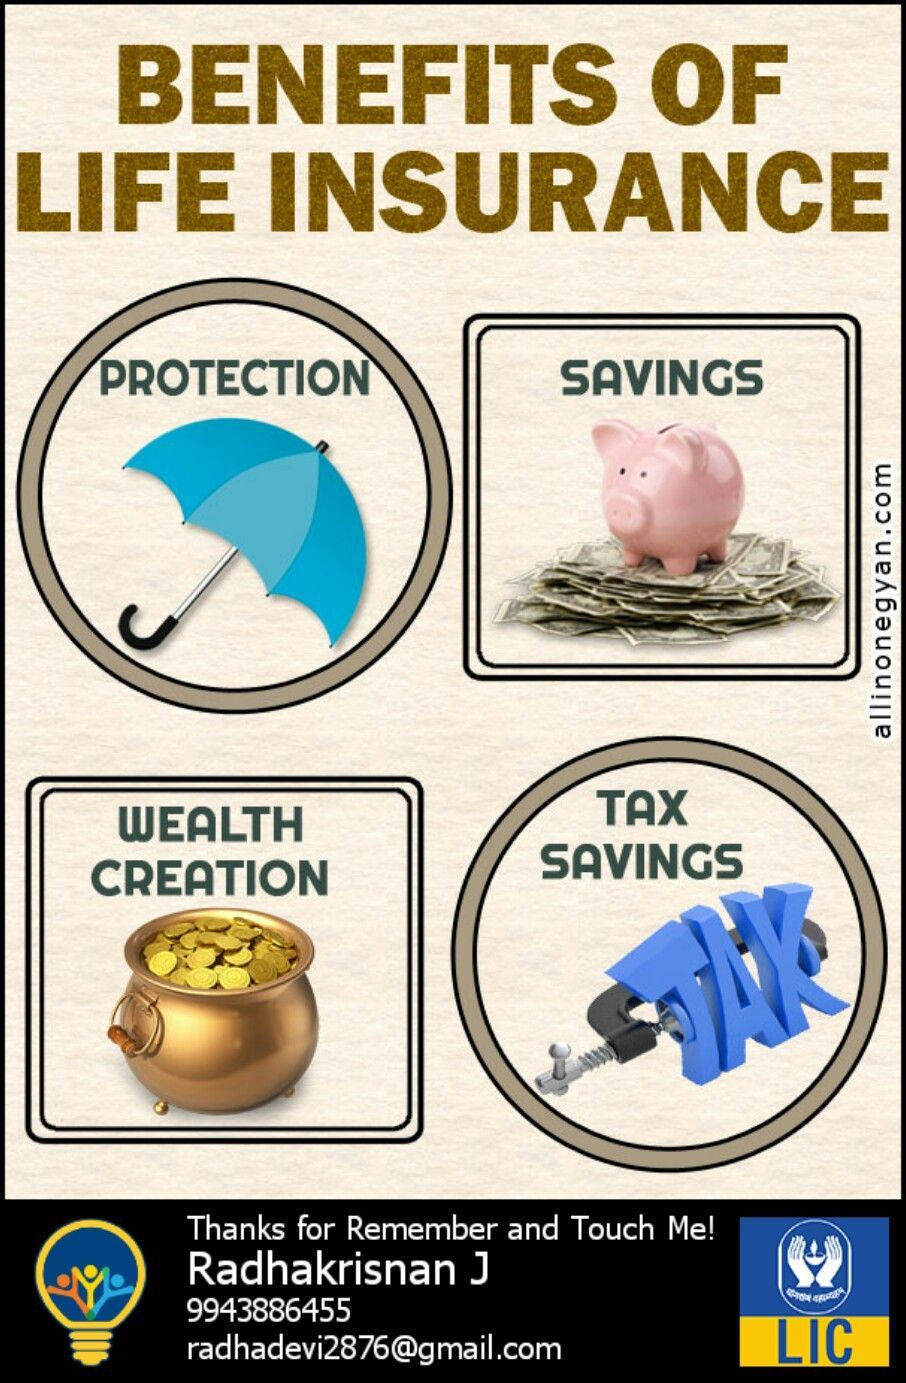 Pin By Nagarisrinivasarao On Lic Life Insurance Marketing Life